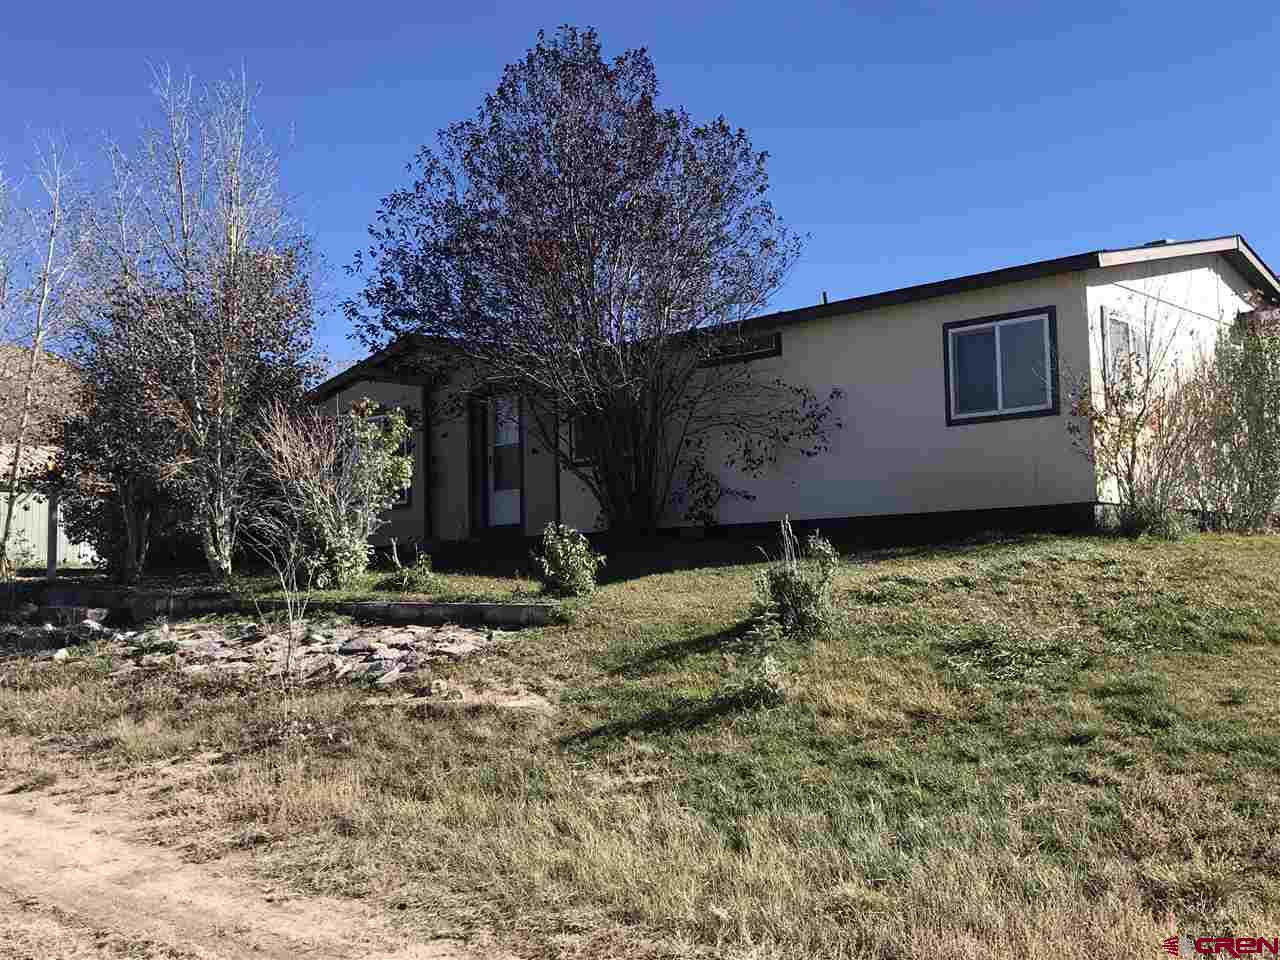 31583 State Highway 149, Gunnison, CO 81230